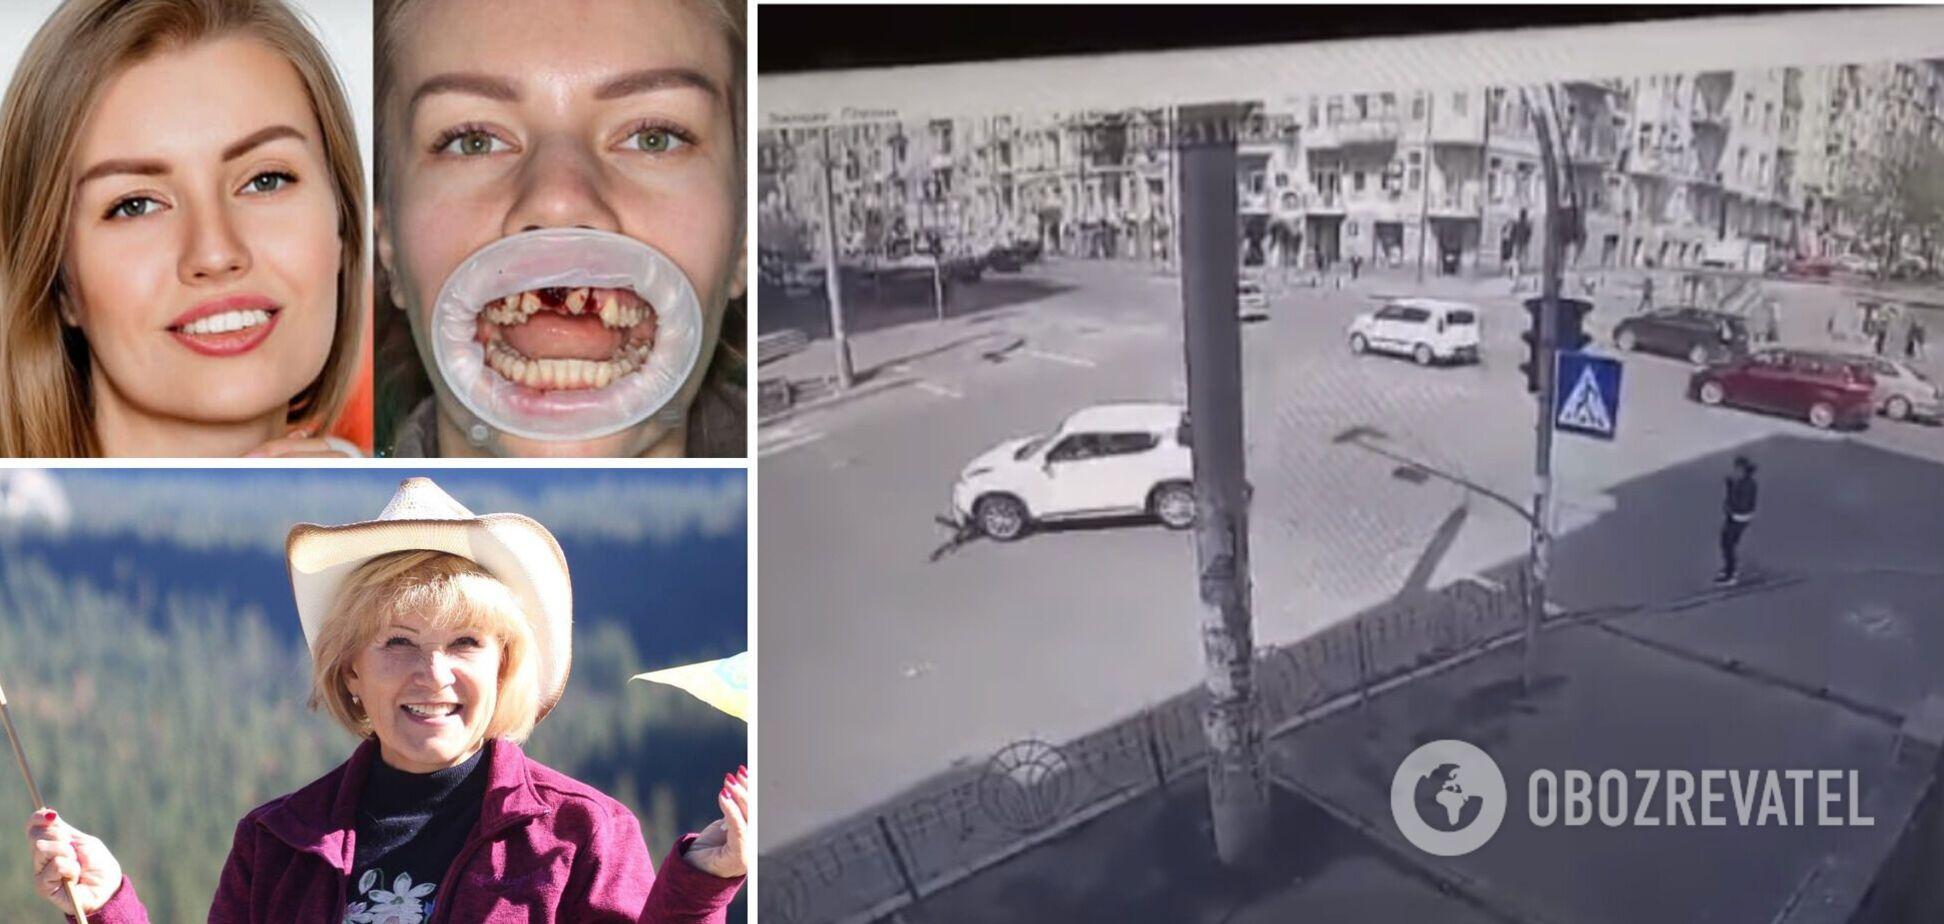 ДТП с бывшим врачом СЭС Киева: пострадавшая девушка лишилась передних зубов и не сможет сама рожать